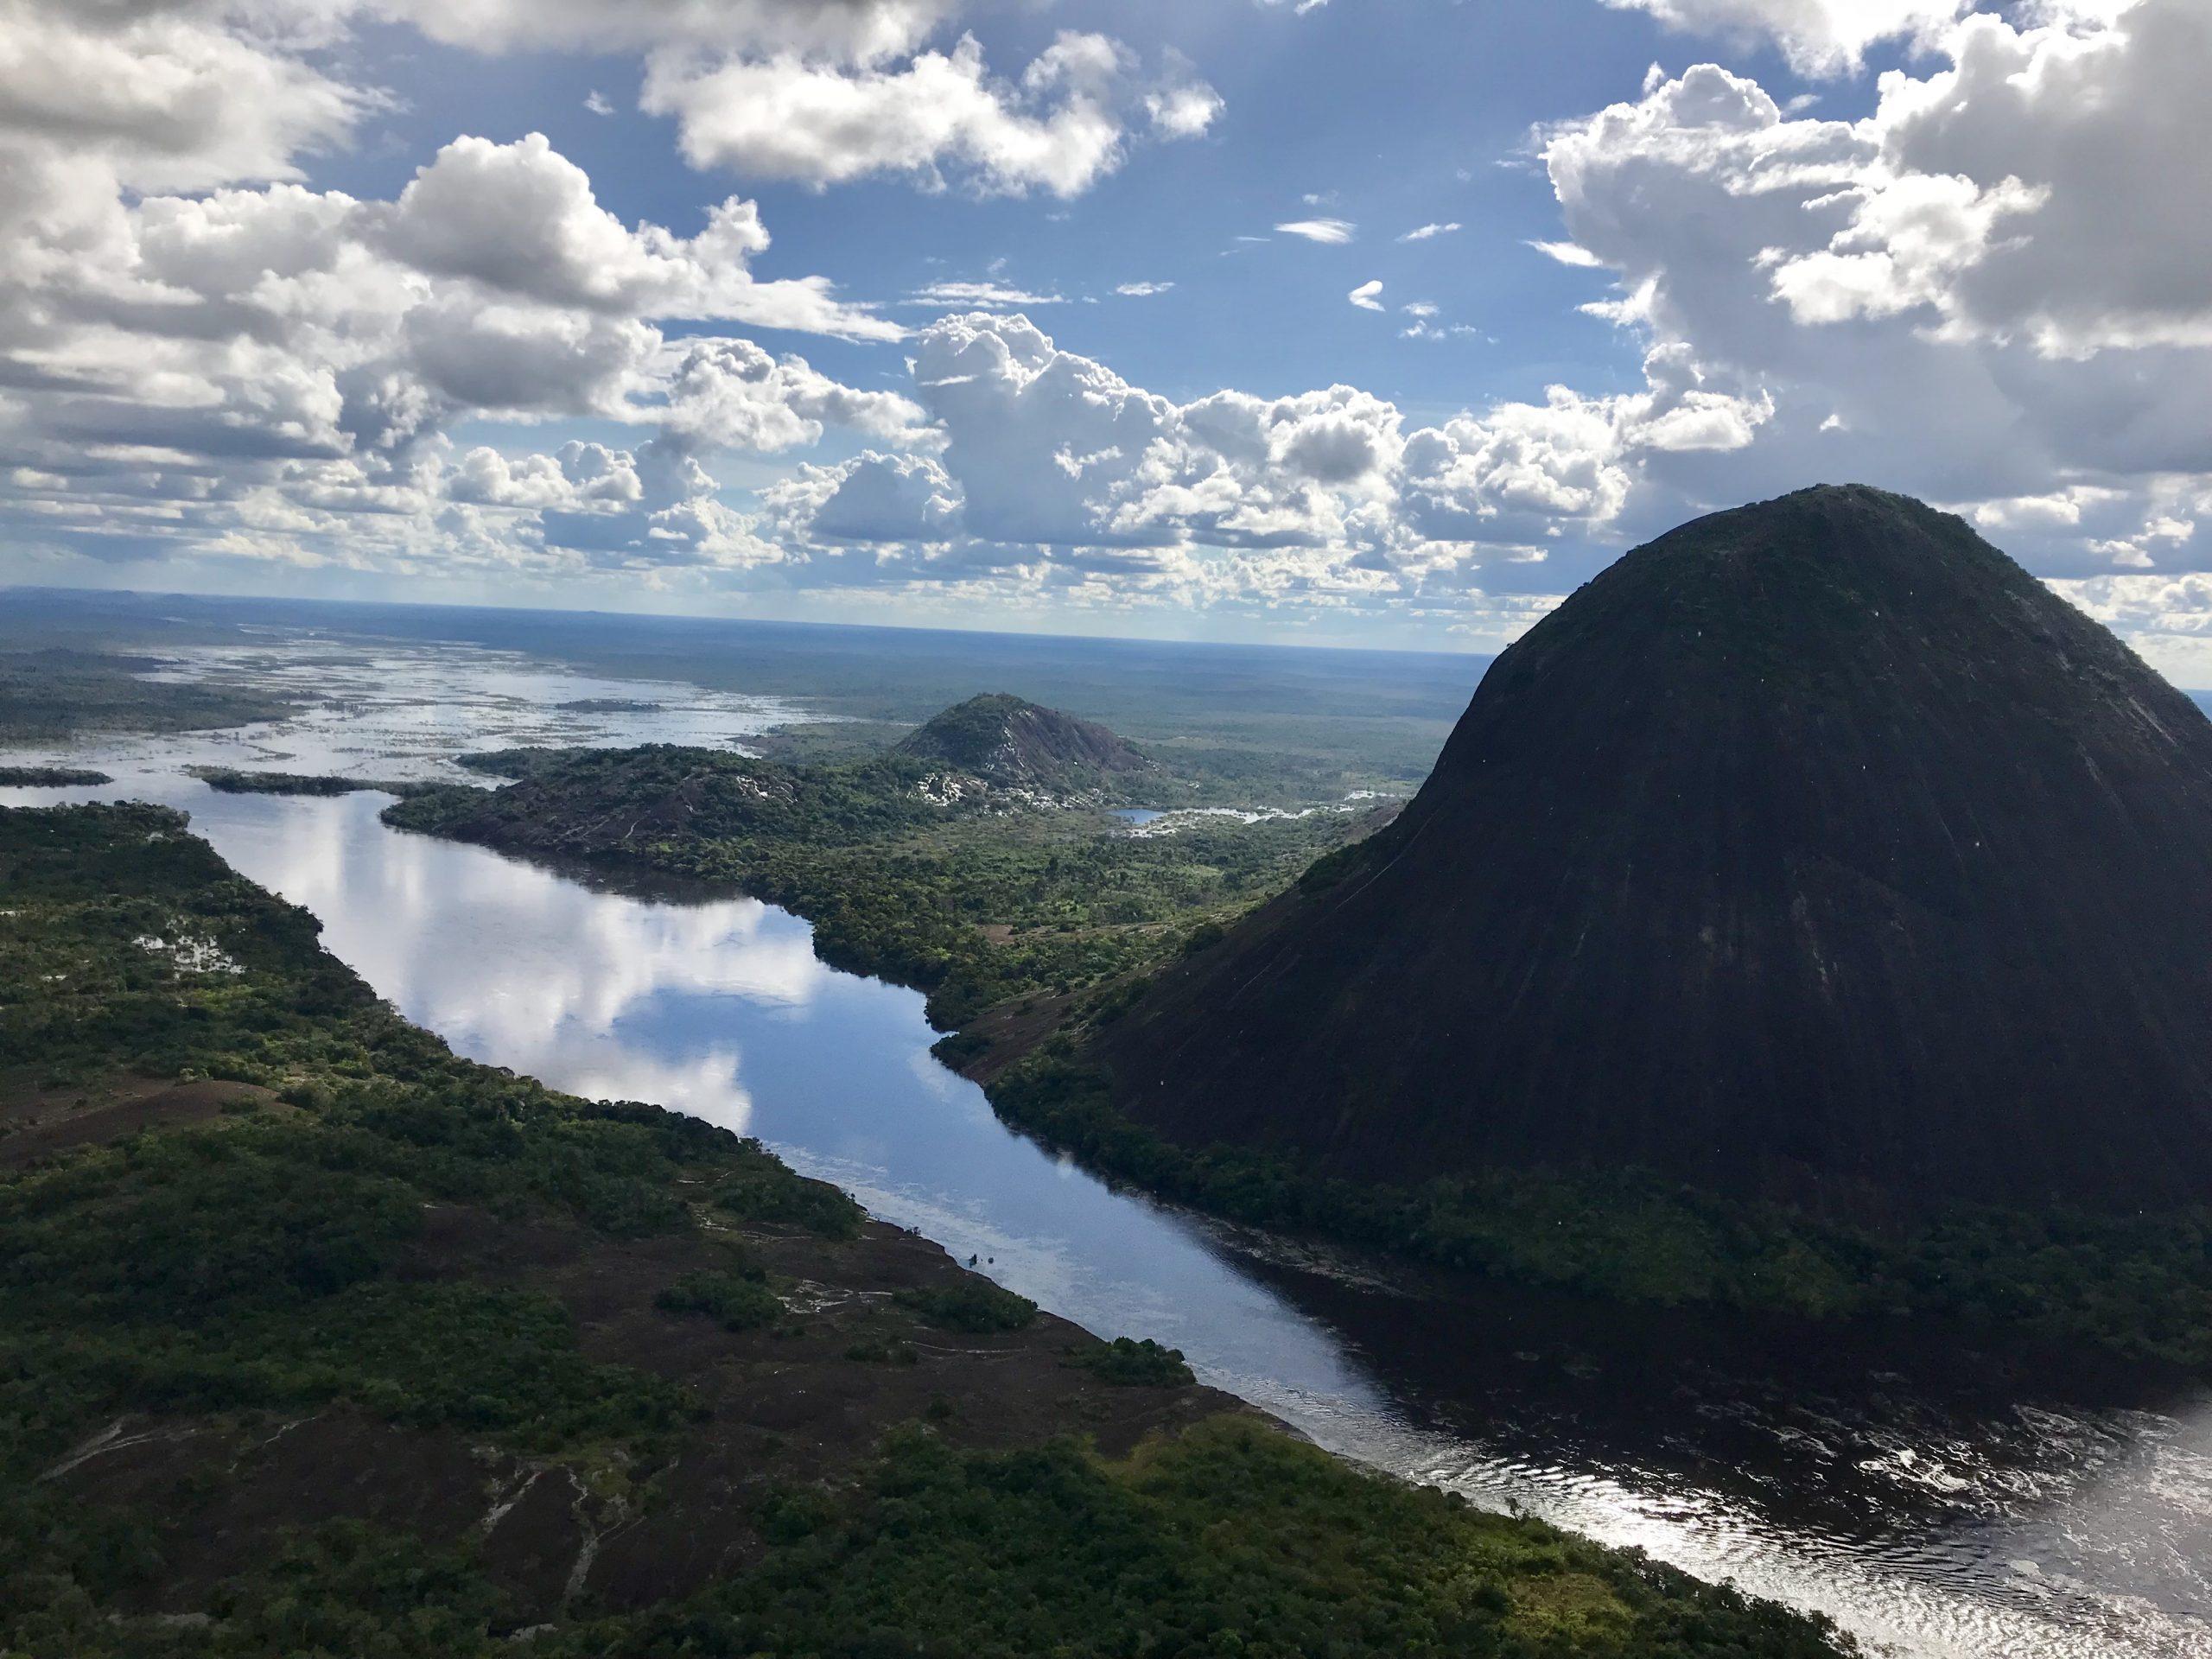 Guainía, selva, ríos y comunidades indígenas con mucha magia